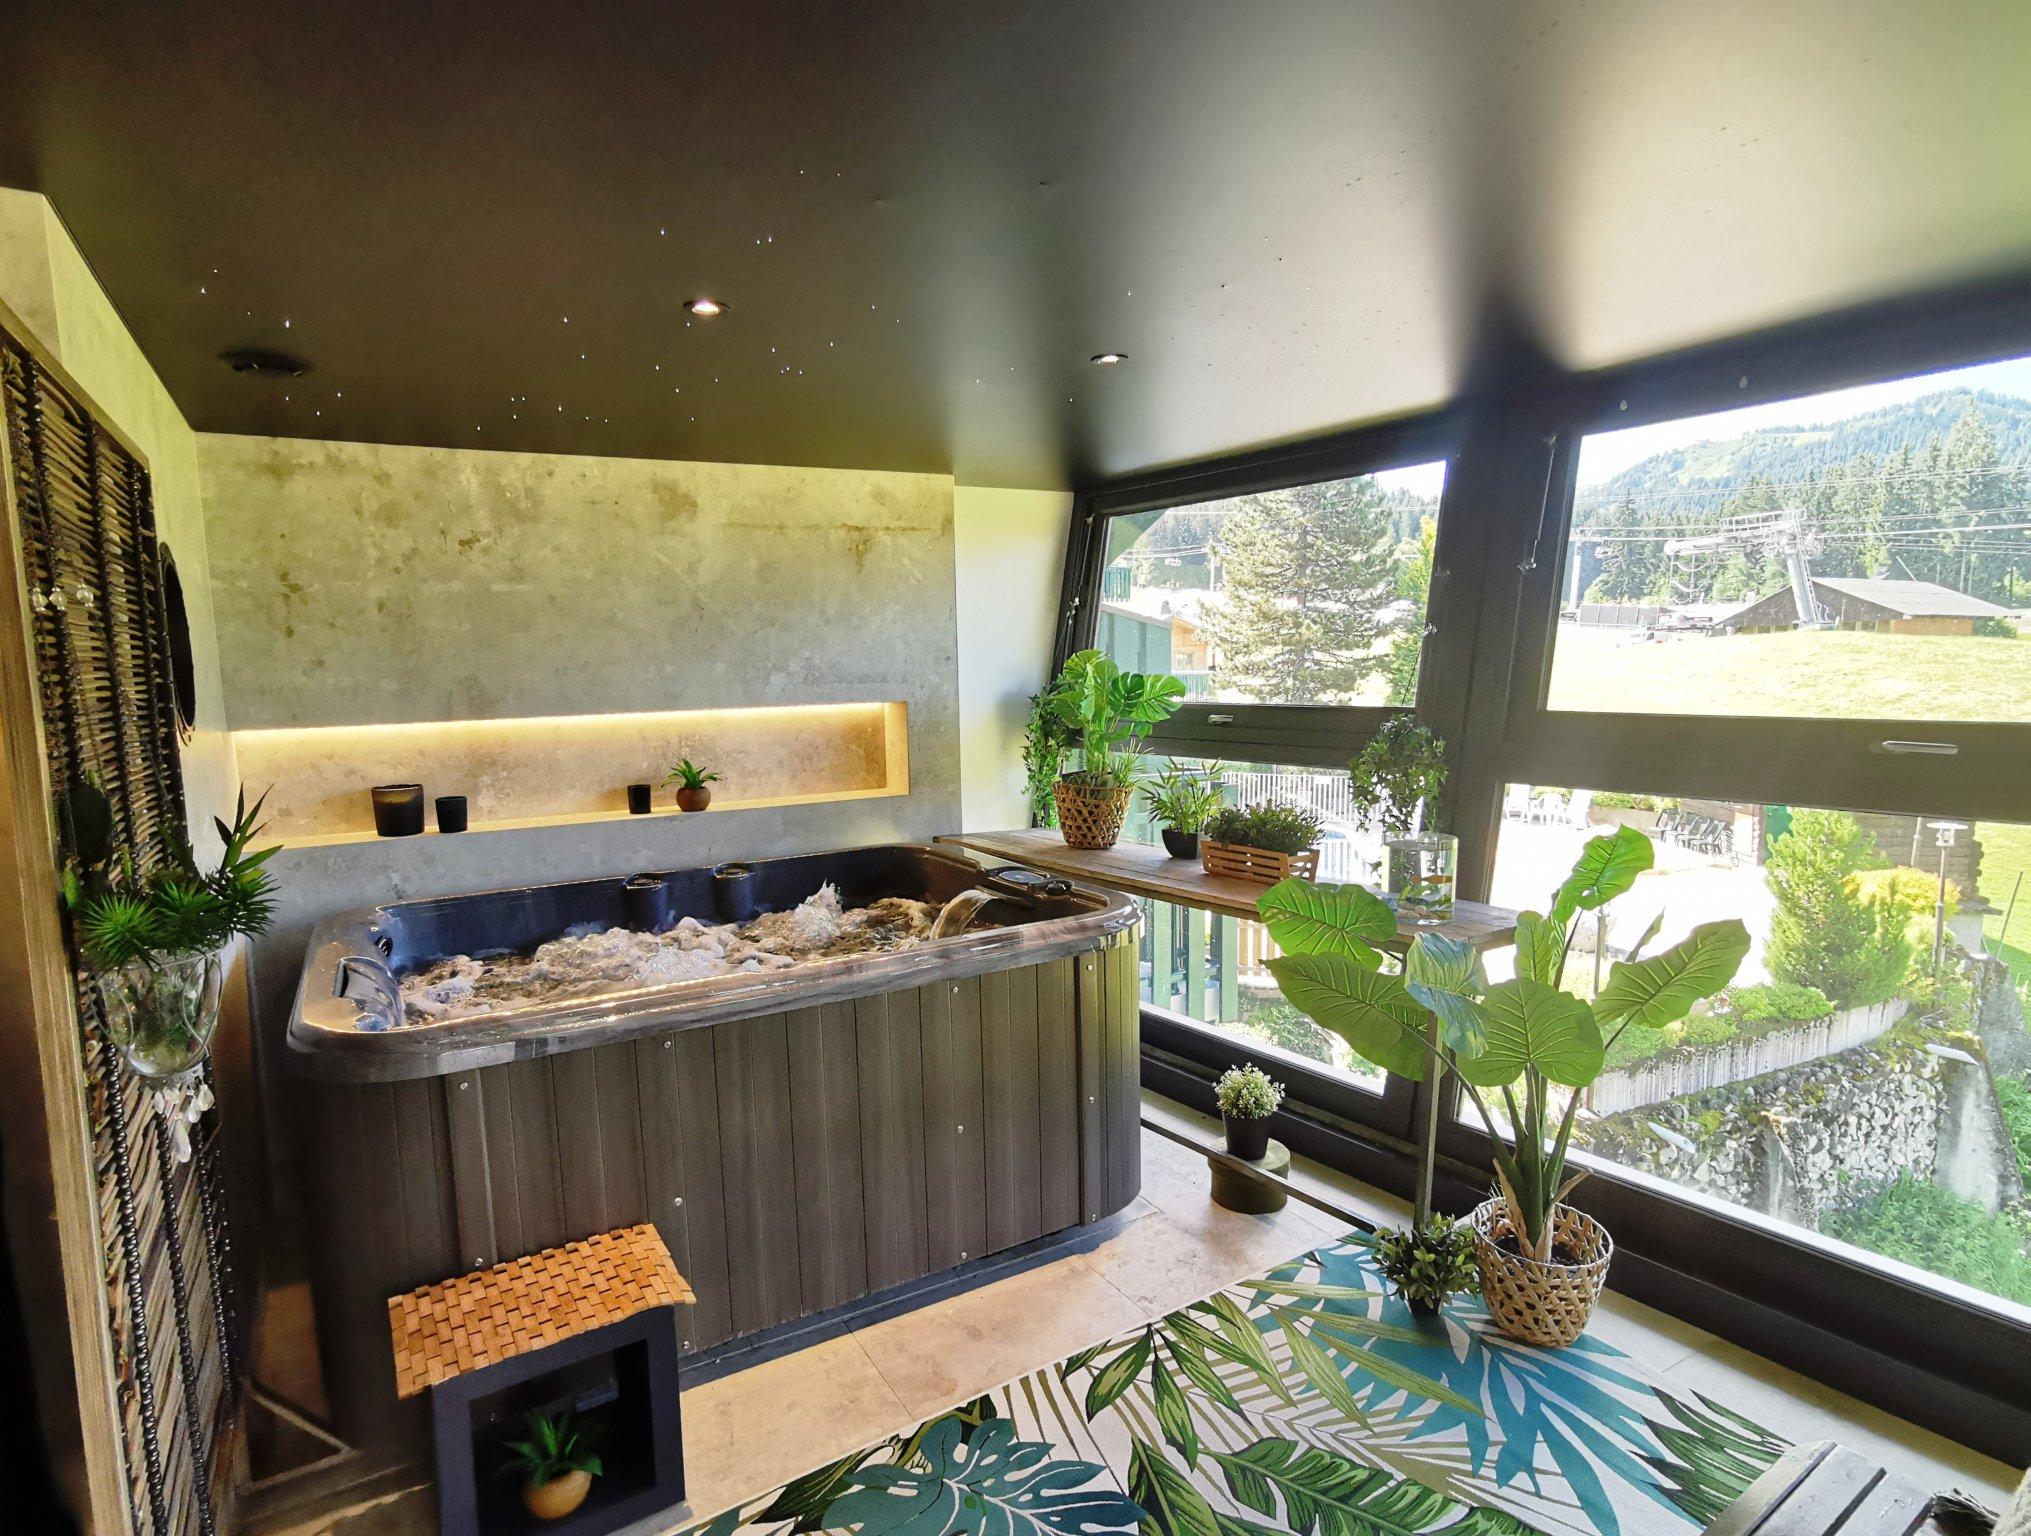 Grizzly Duplex Hot Tub